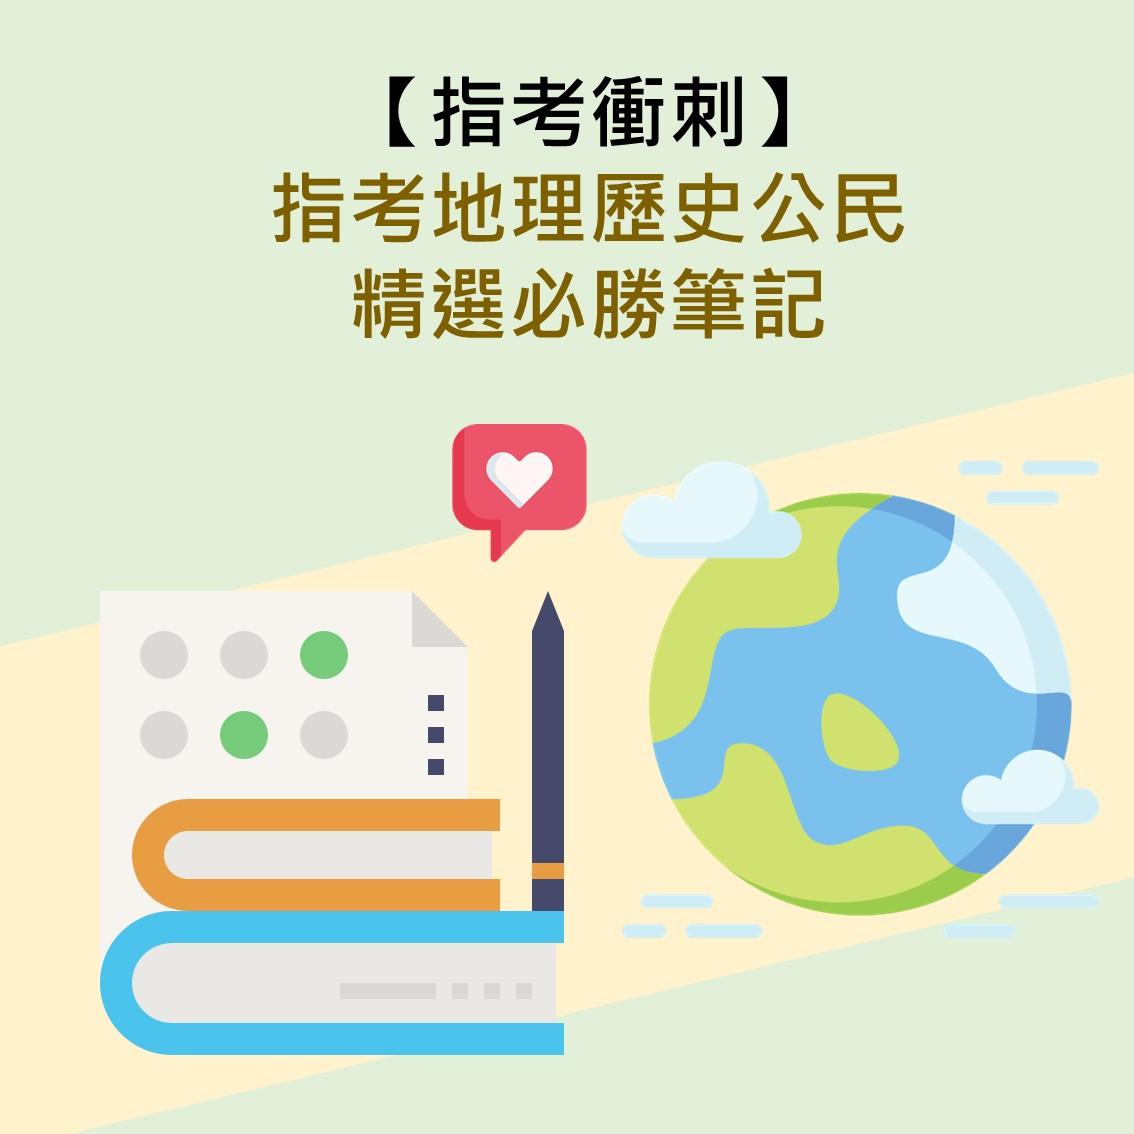 【指考衝刺】地理歷史公民精選必勝筆記